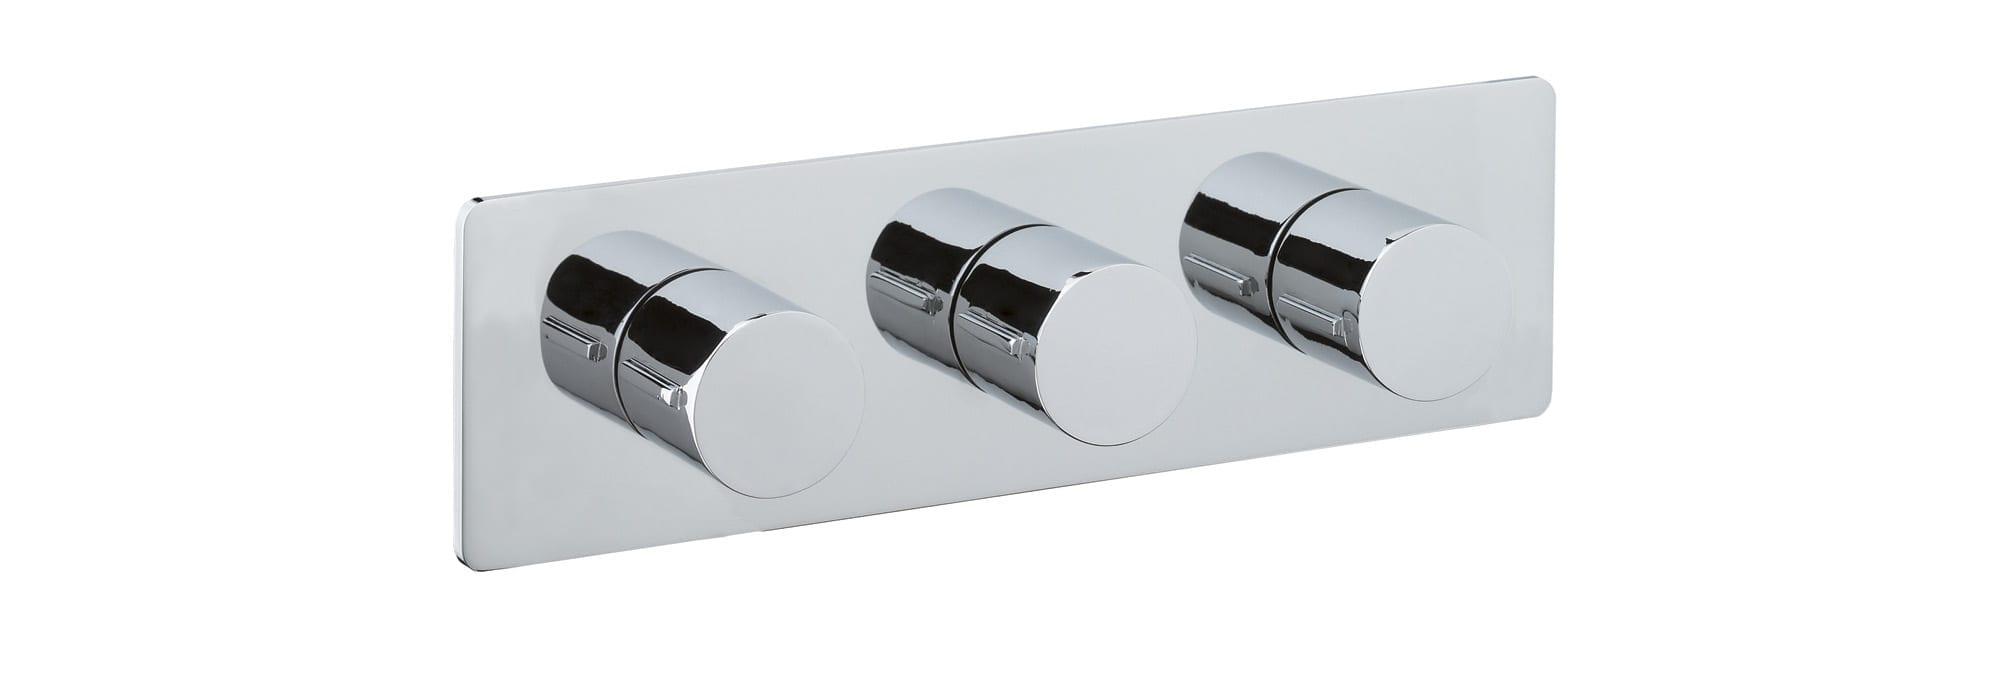 אינטרפוץ למקלחת 4 דרך, כרום – T10.32.01 by Milstone